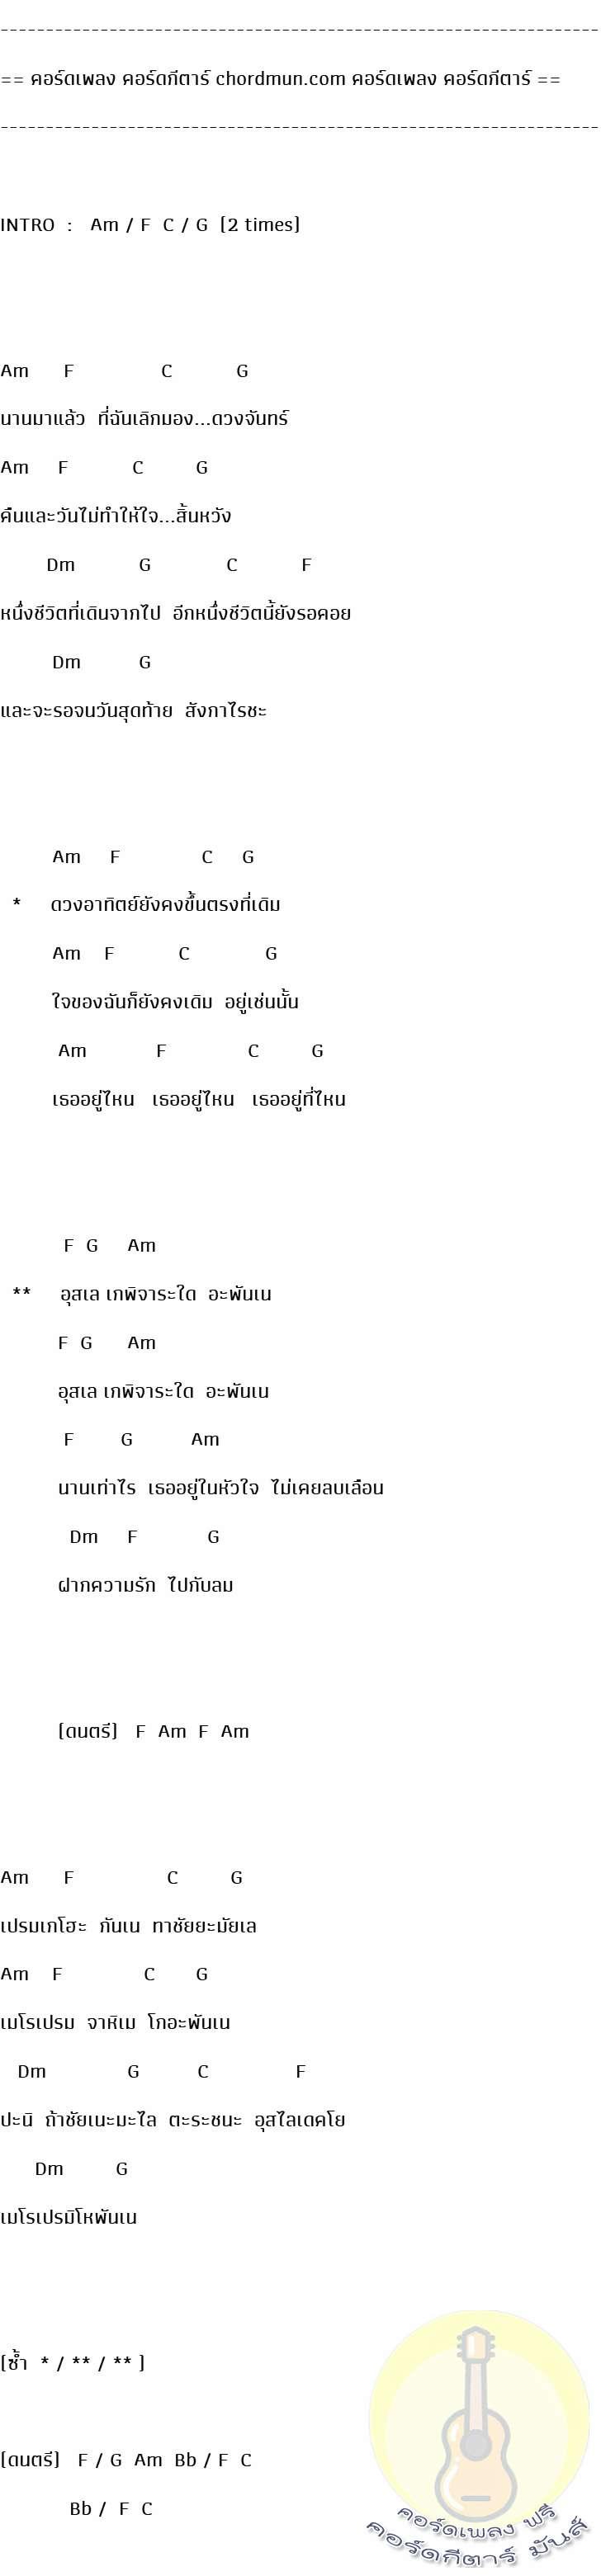 คอร์ดกีต้าง่ายๆ  เพลง Daraneho (ความรักอยู่ไหน)